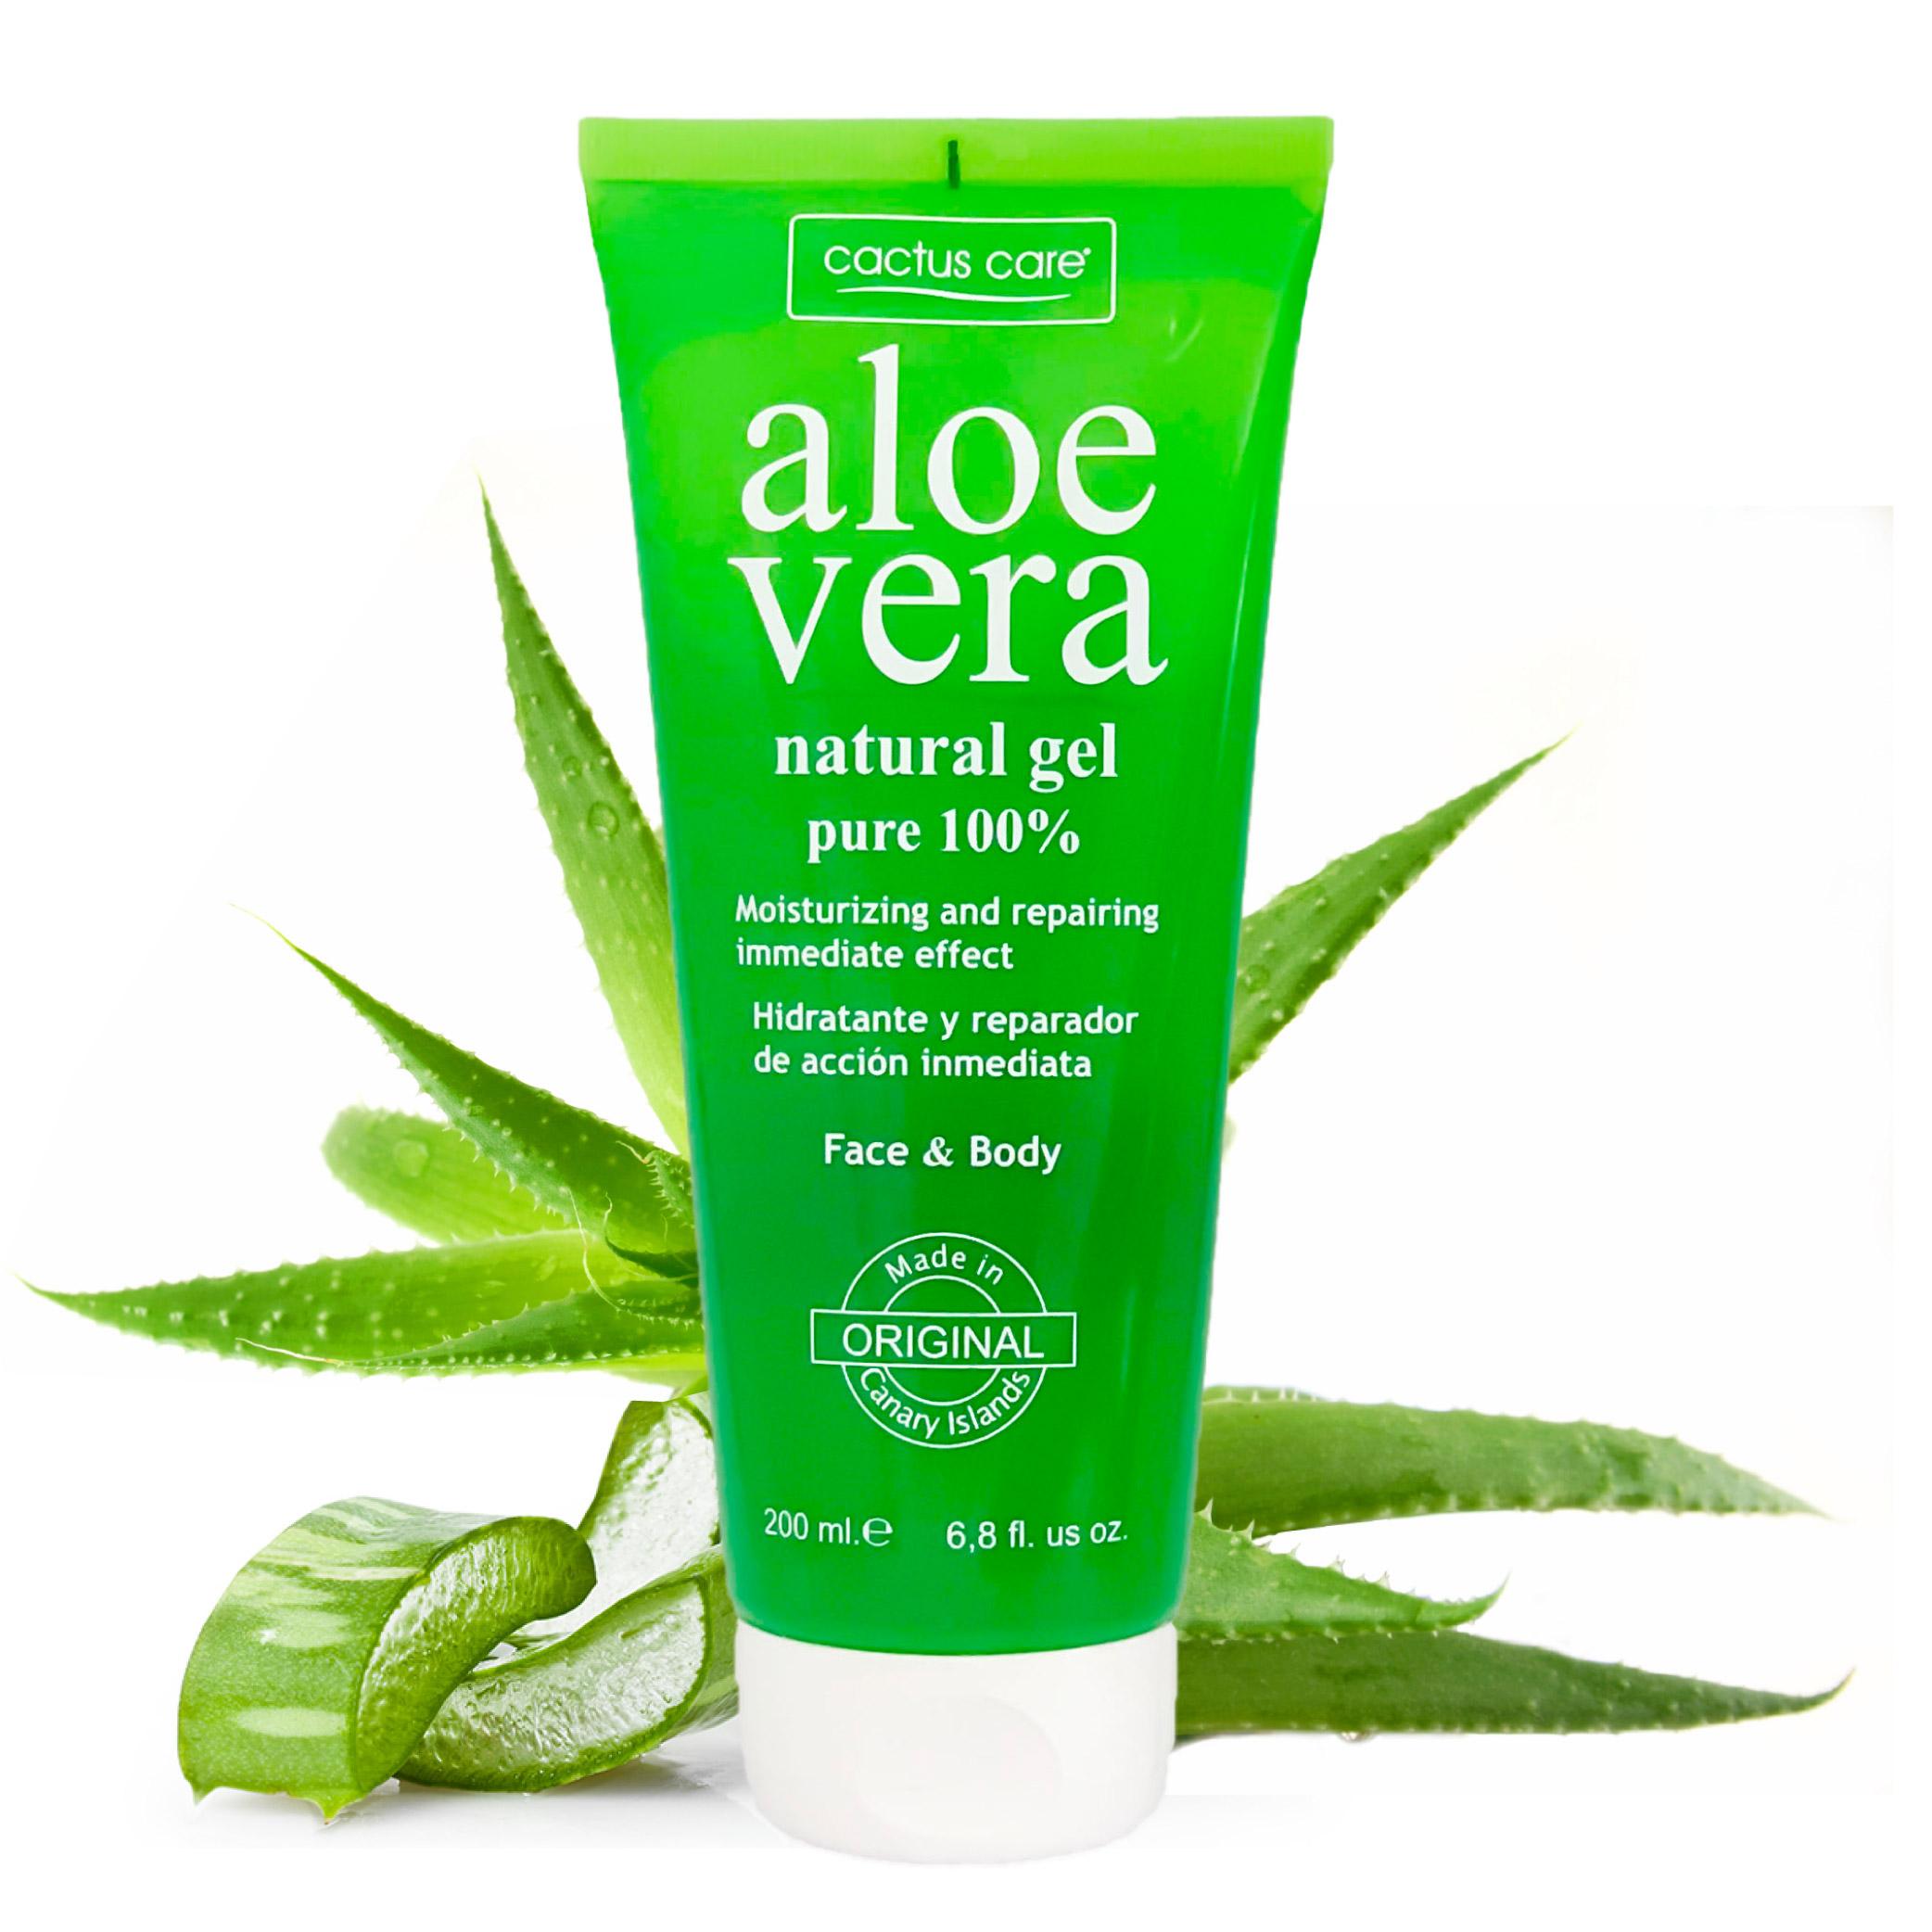 aloe vera méregtelenítő kezelés